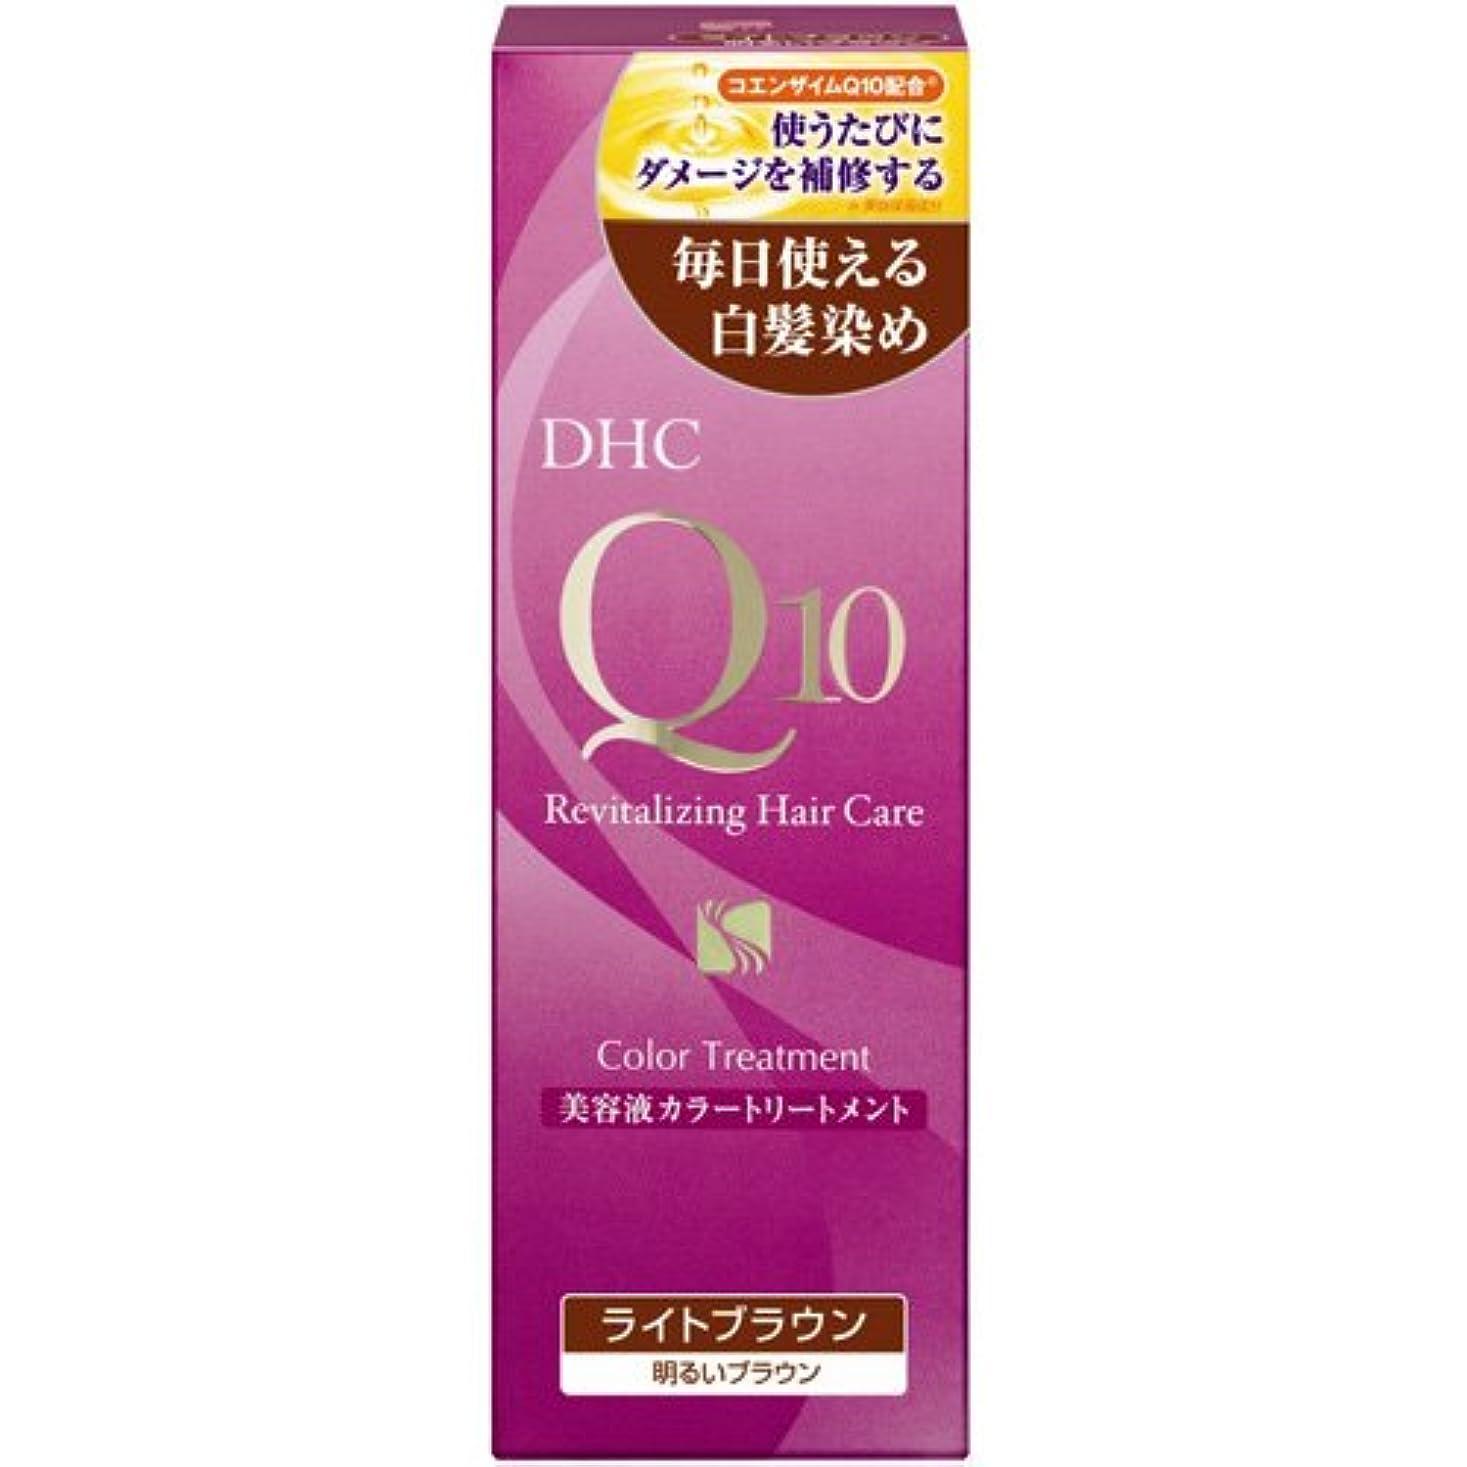 毒性文明感情DHC Q10美溶液カラートリートメントLブラウンSS170g